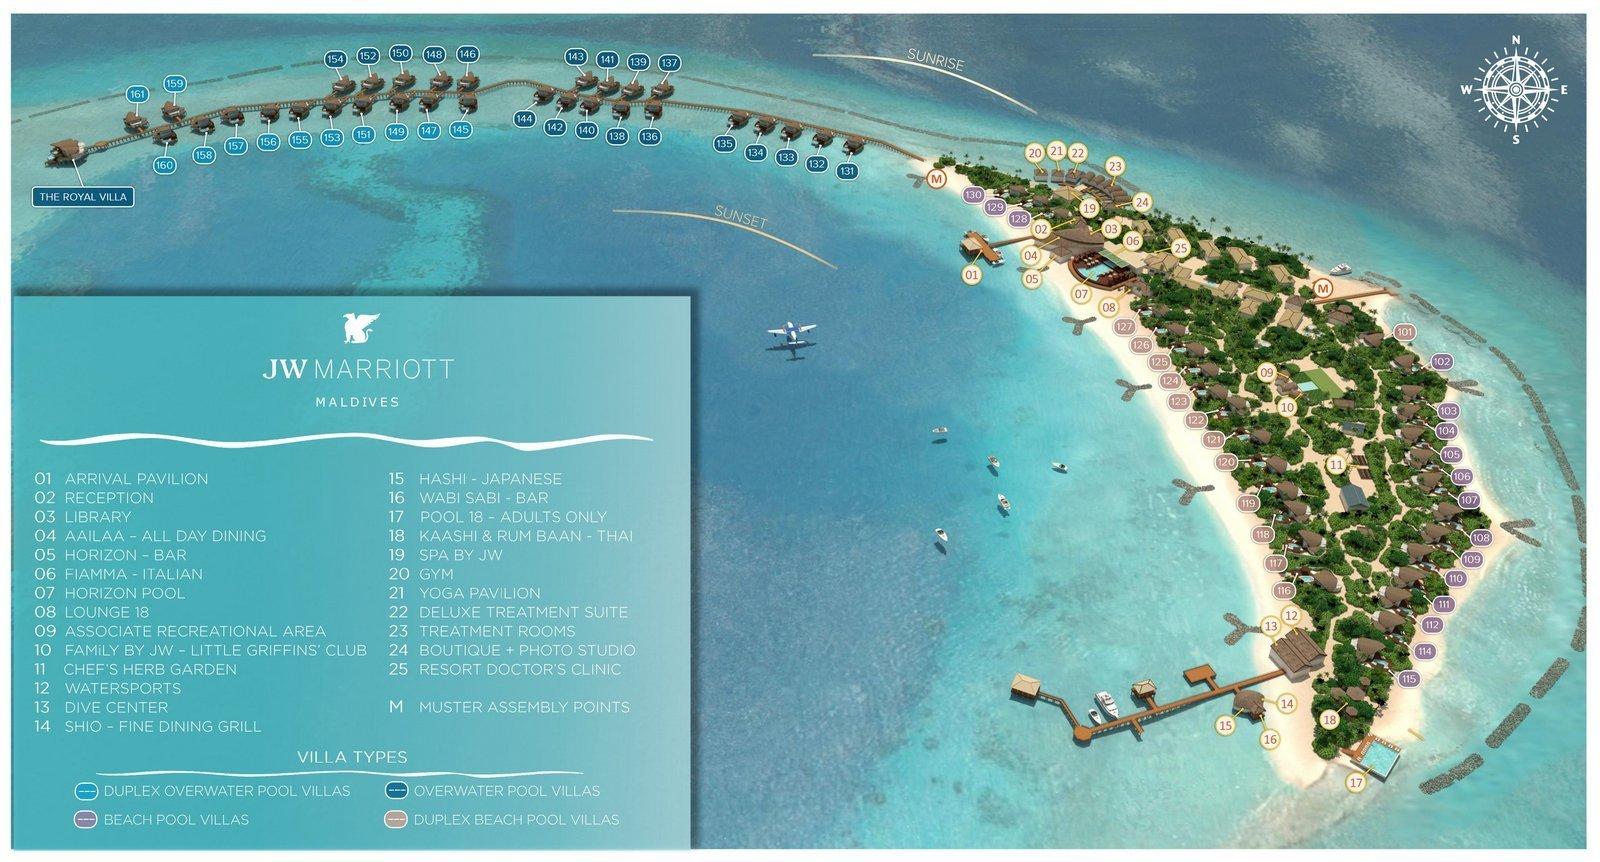 Мальдивы, JW Marriott Maldives Resort, карта отеля